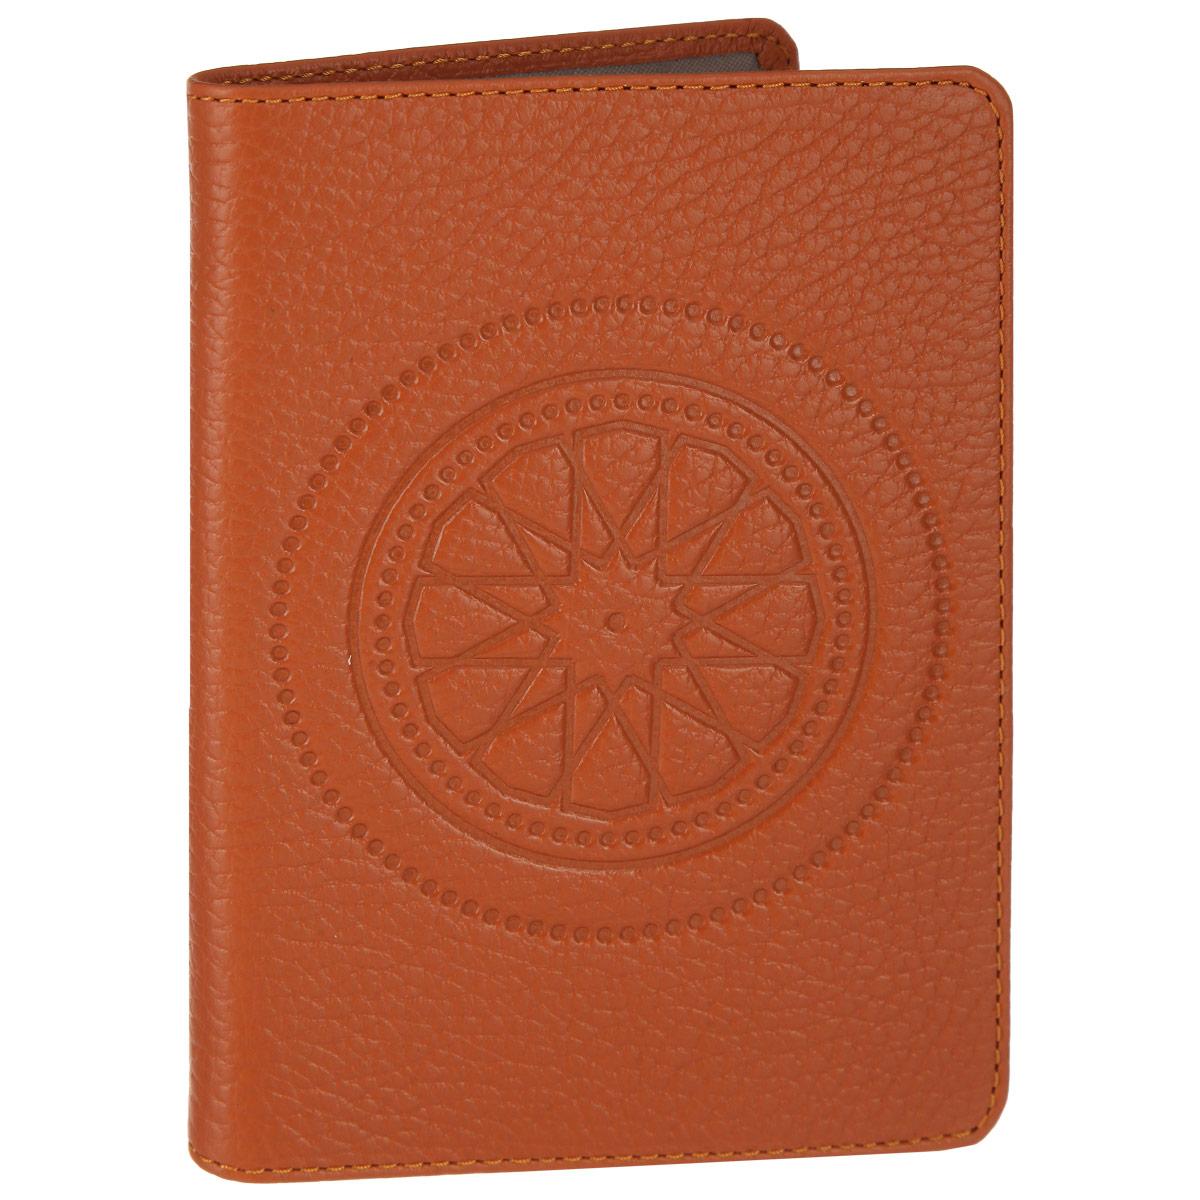 Обложка для паспорта Fabula Talisman, цвет: рыжий. O.65.SNW16-12123_811Стильная обложка для паспорта Fabula Talisman выполнена из натуральной кожи с зернистой текстурой, оформлена декоративным тиснением. Обложка для паспорта раскладывается пополам, внутри расположены два пластиковых кармашка.Такая обложка для паспорта станет прекрасным и стильным подарком человеку, любящему оригинальные и практичные вещи.